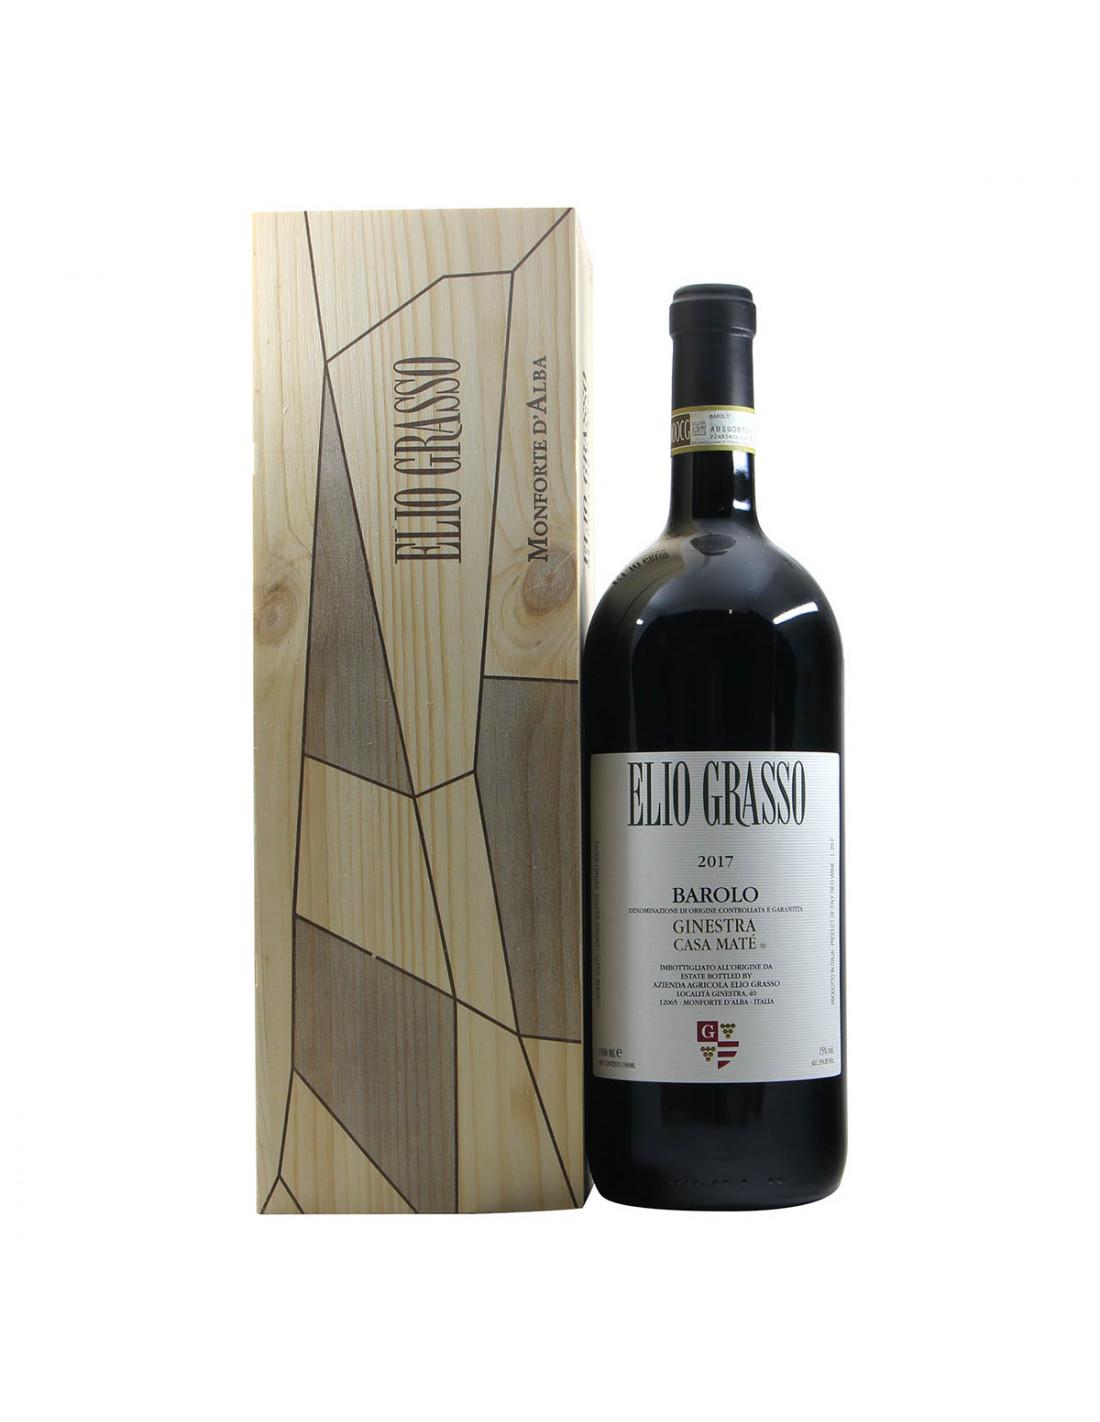 Elio Grasso Barolo Ginestra Casa Mate Magnum 2017 Grandi Bottiglie